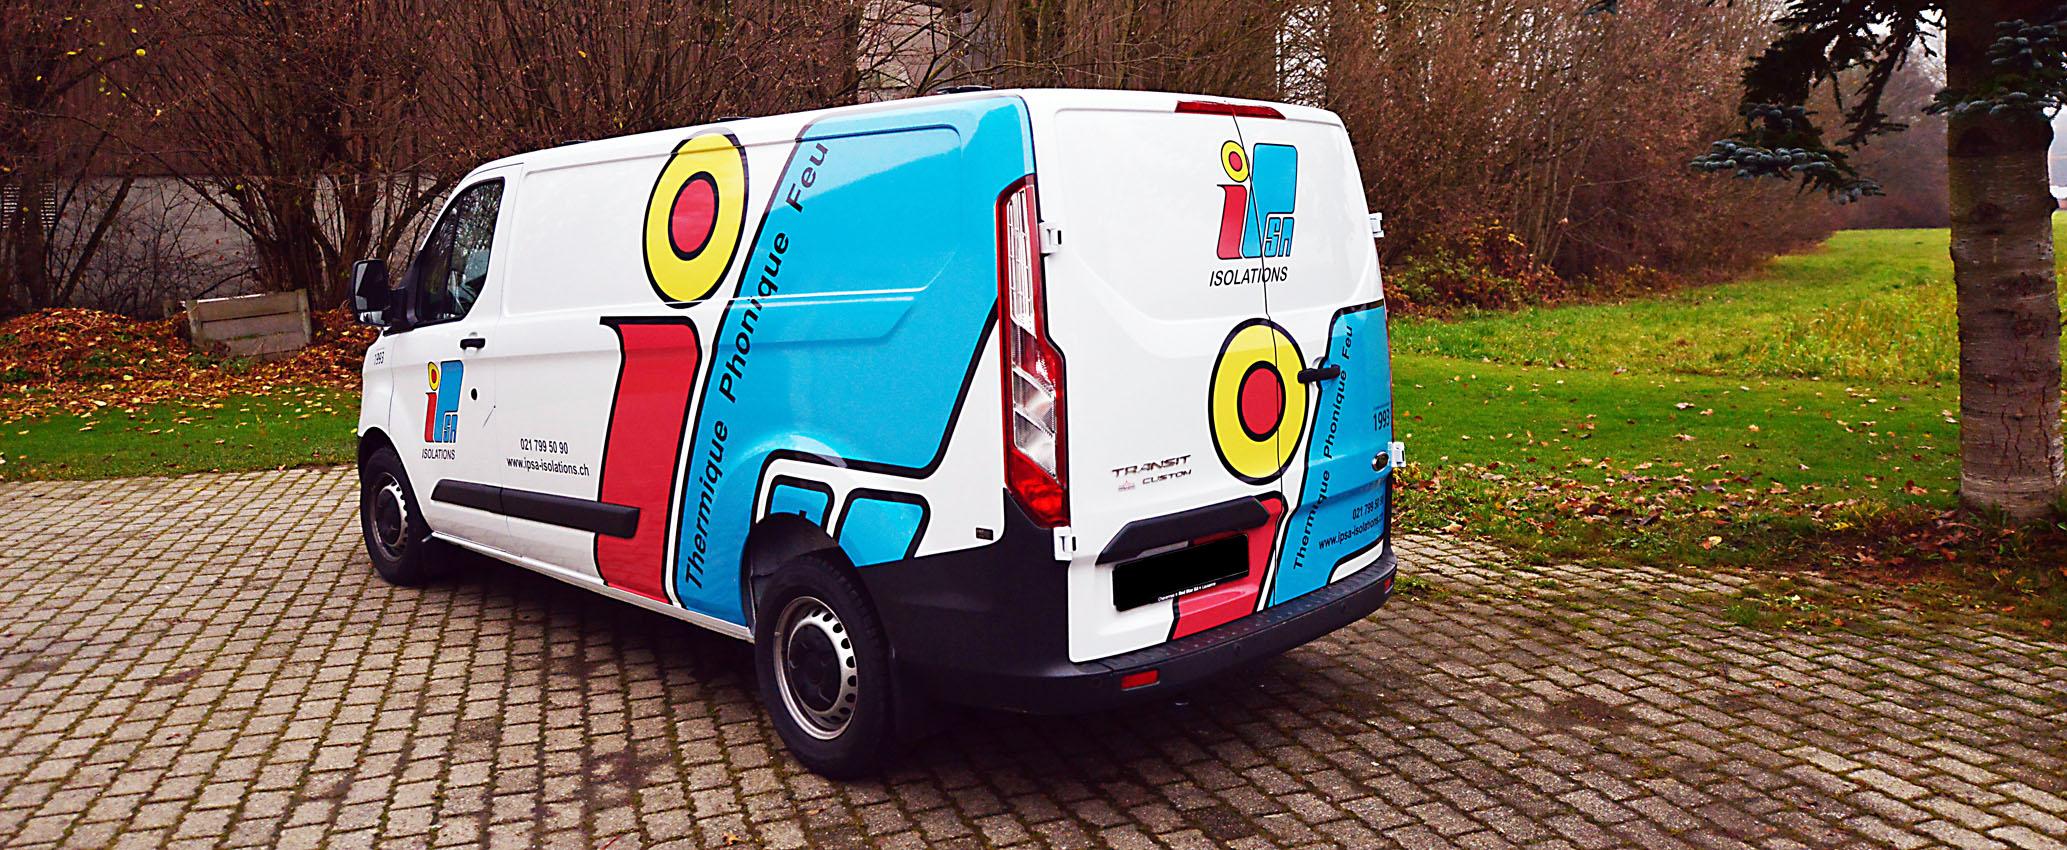 Marquage véhicule d'entreprise.